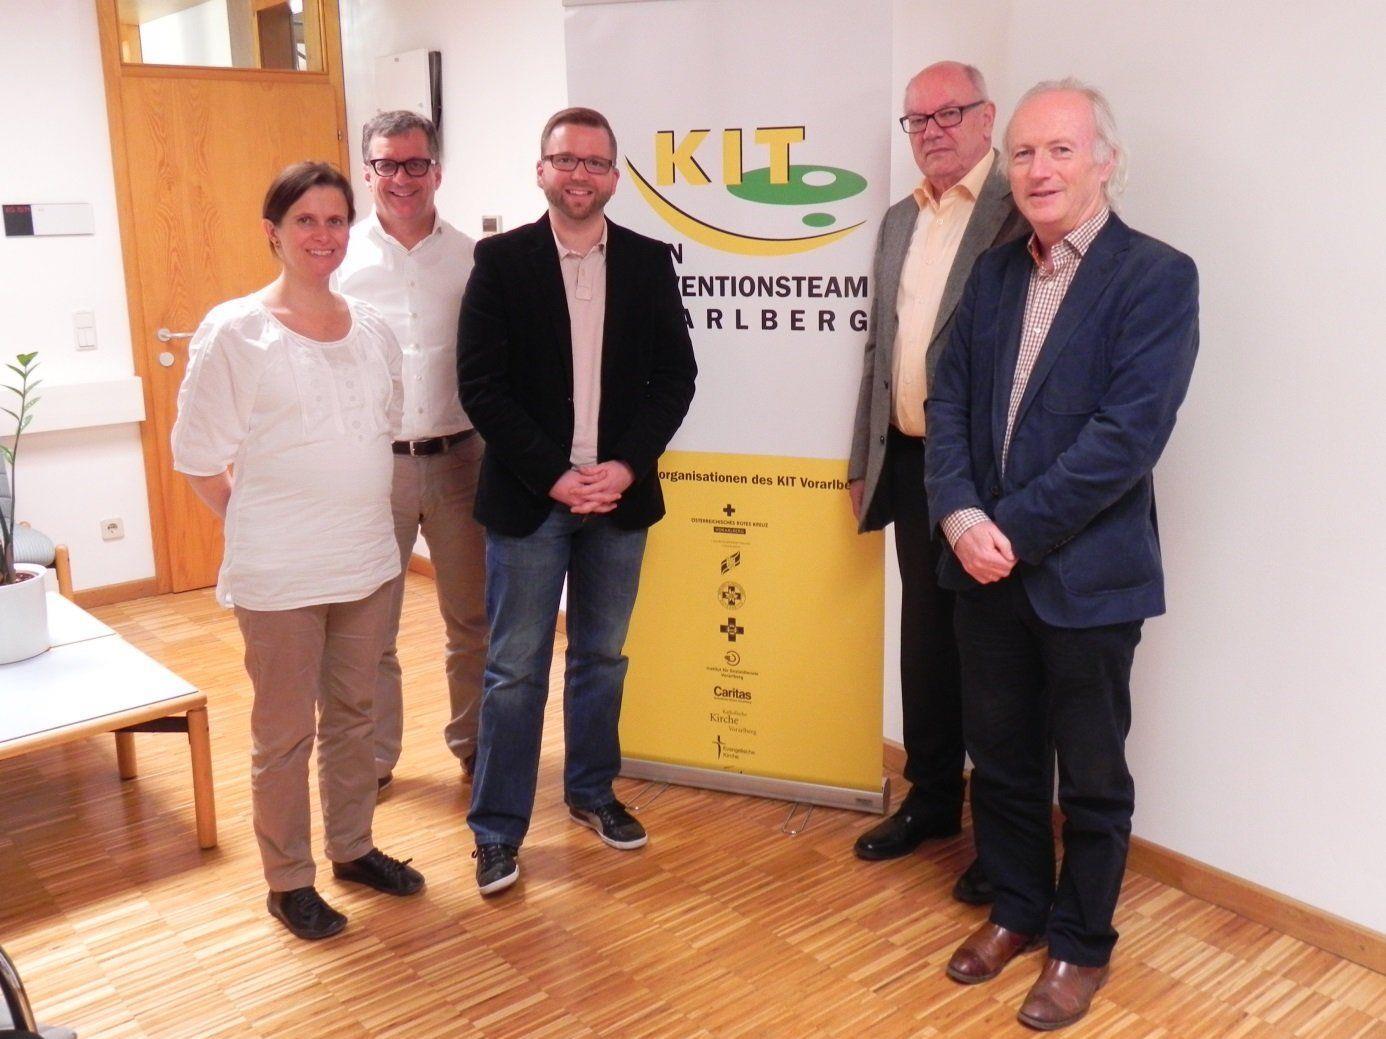 v.li.: Isabel Meunier, Günther Watzenegger, Thomas Stubler, Walter Baur, Stefan Allgäuer.